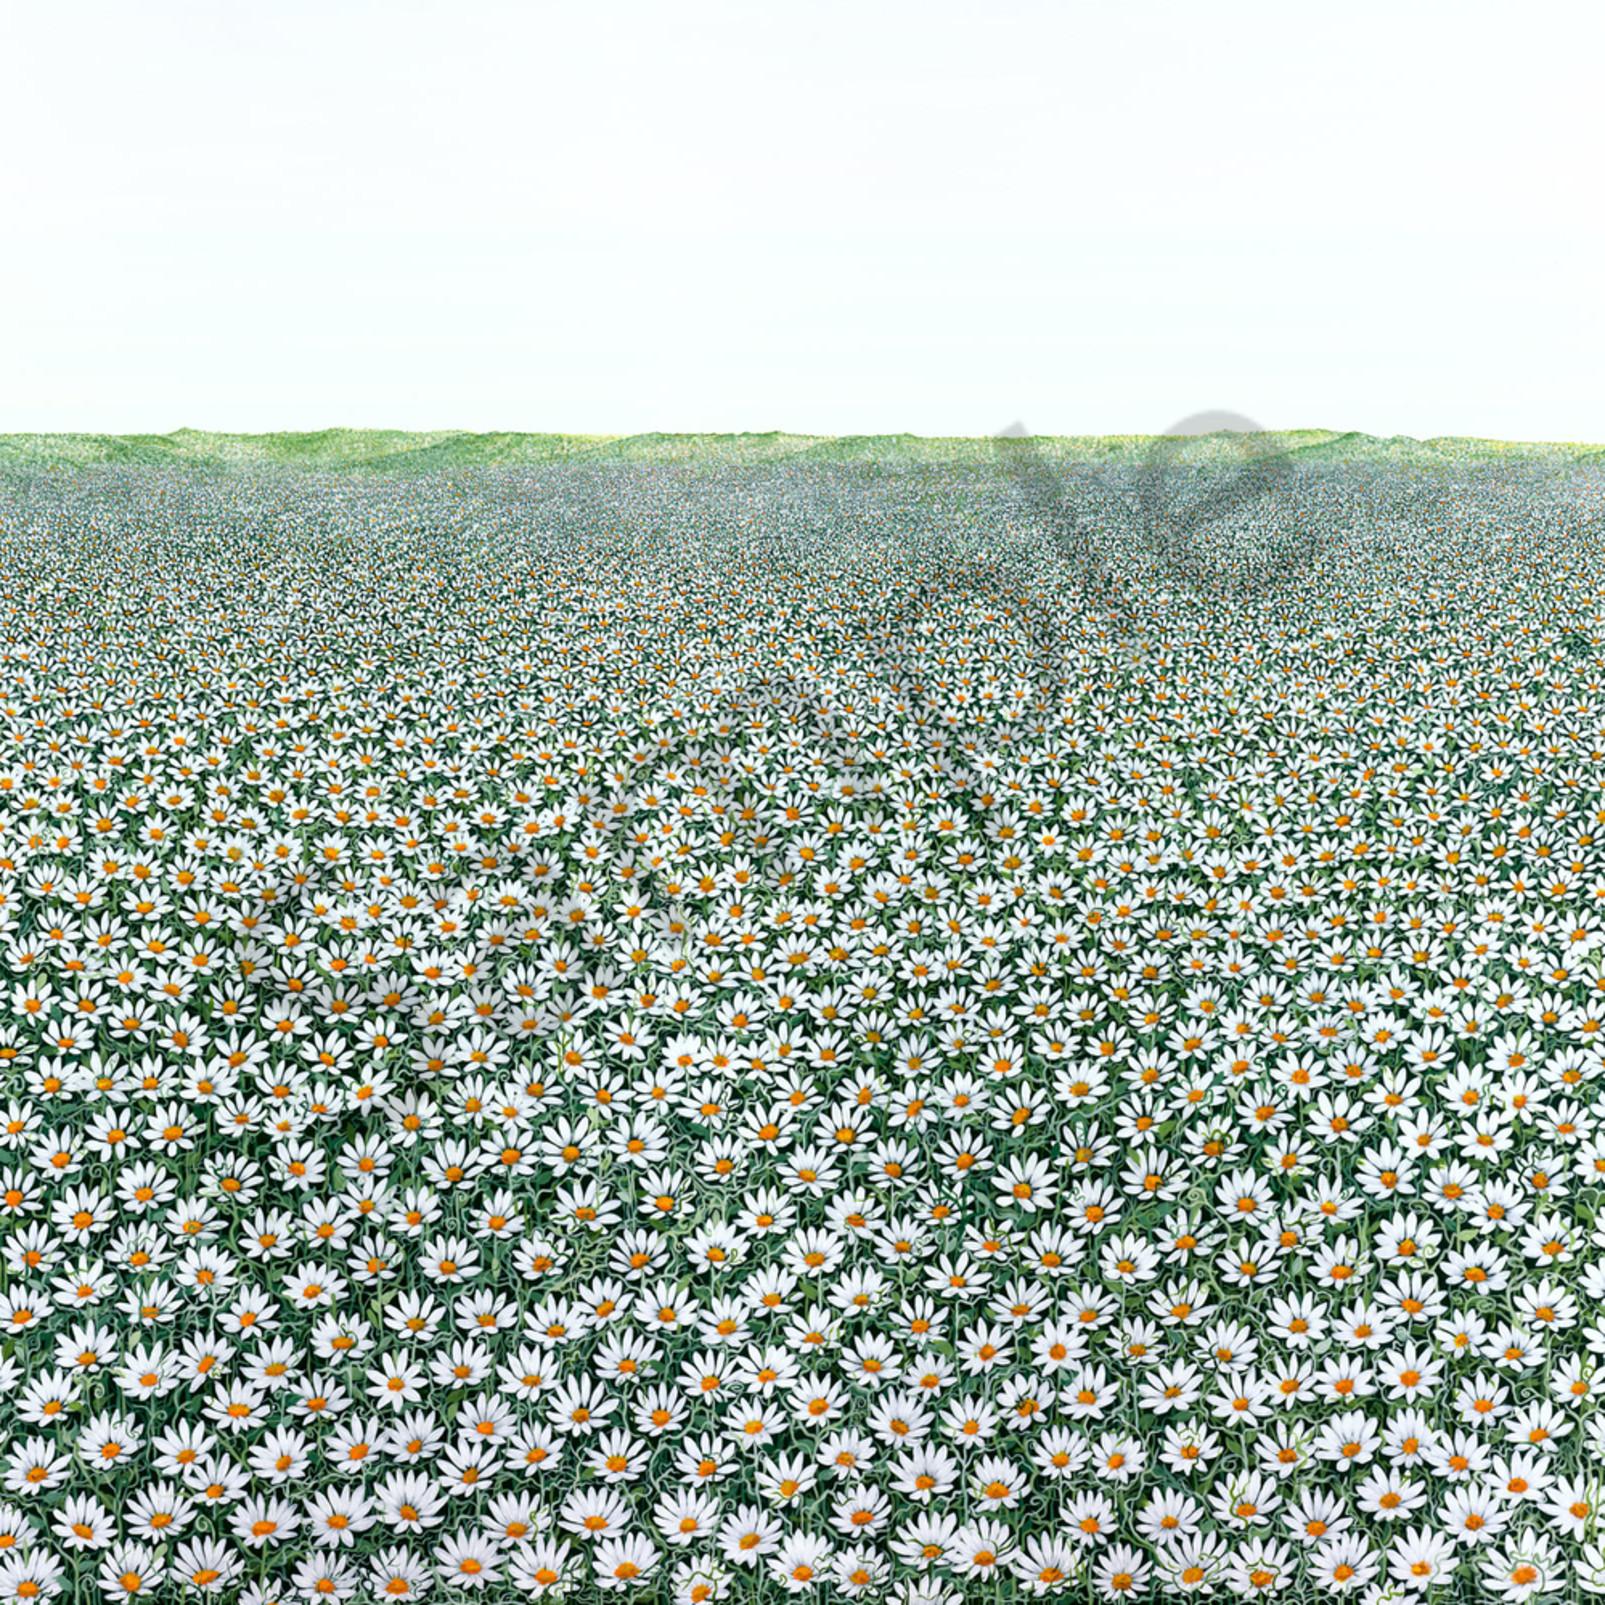 B mace 005 a field of daisies oksr92